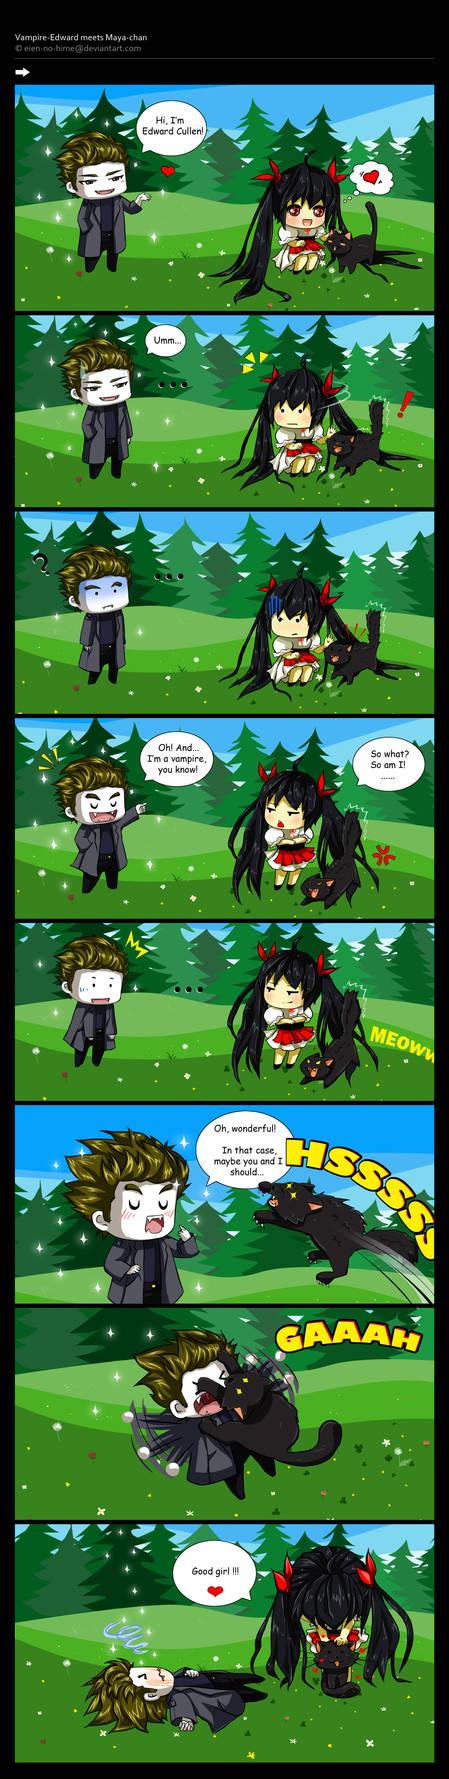 Vampire: Edward meets Maya